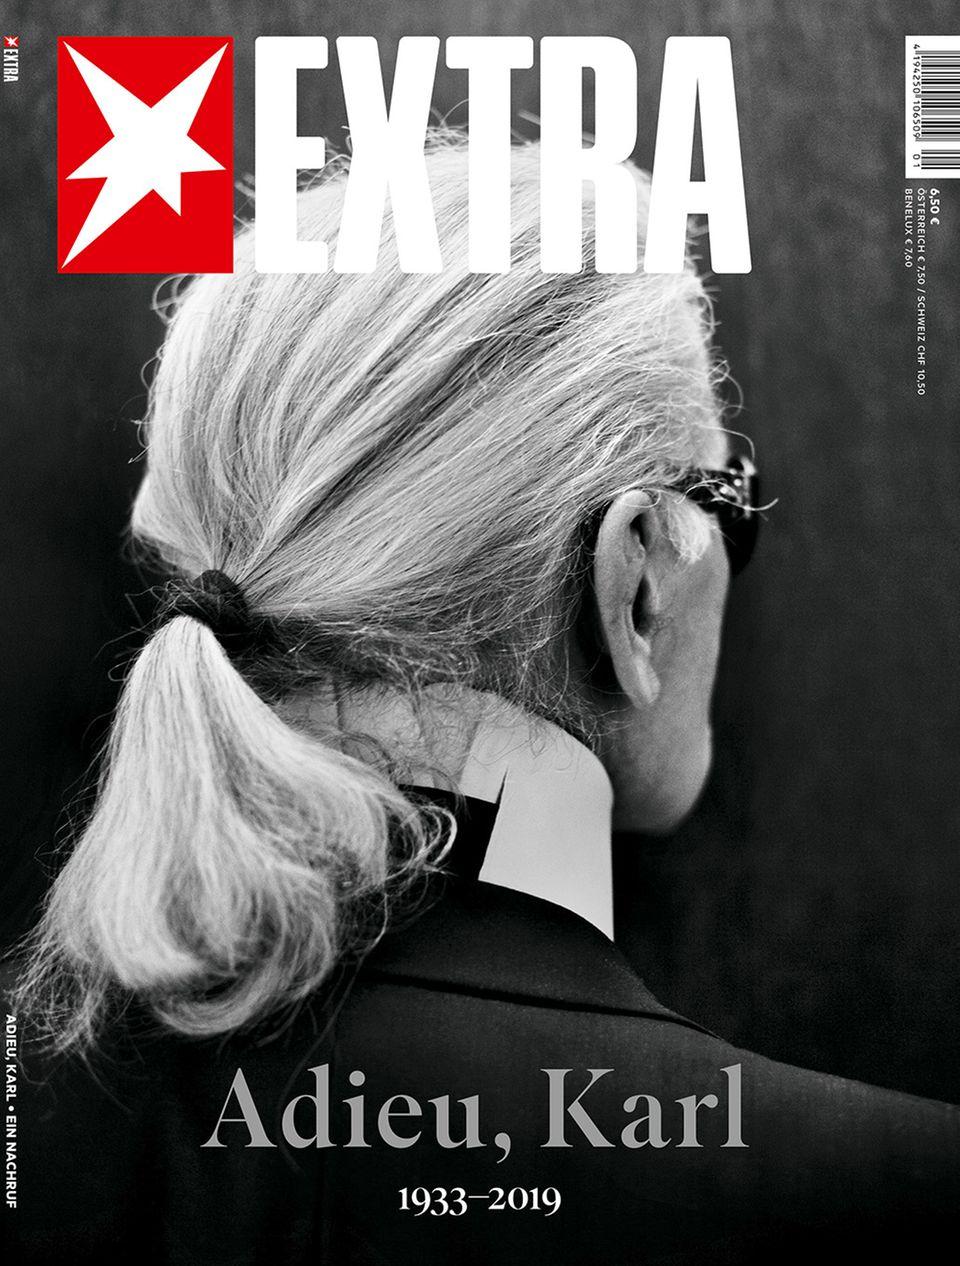 Vom Nutzobjekt zum Stilmittel: Sie gehörte zu ihm wie der Zopf: Darum trug Karl Lagerfeld immer eine Sonnenbrille